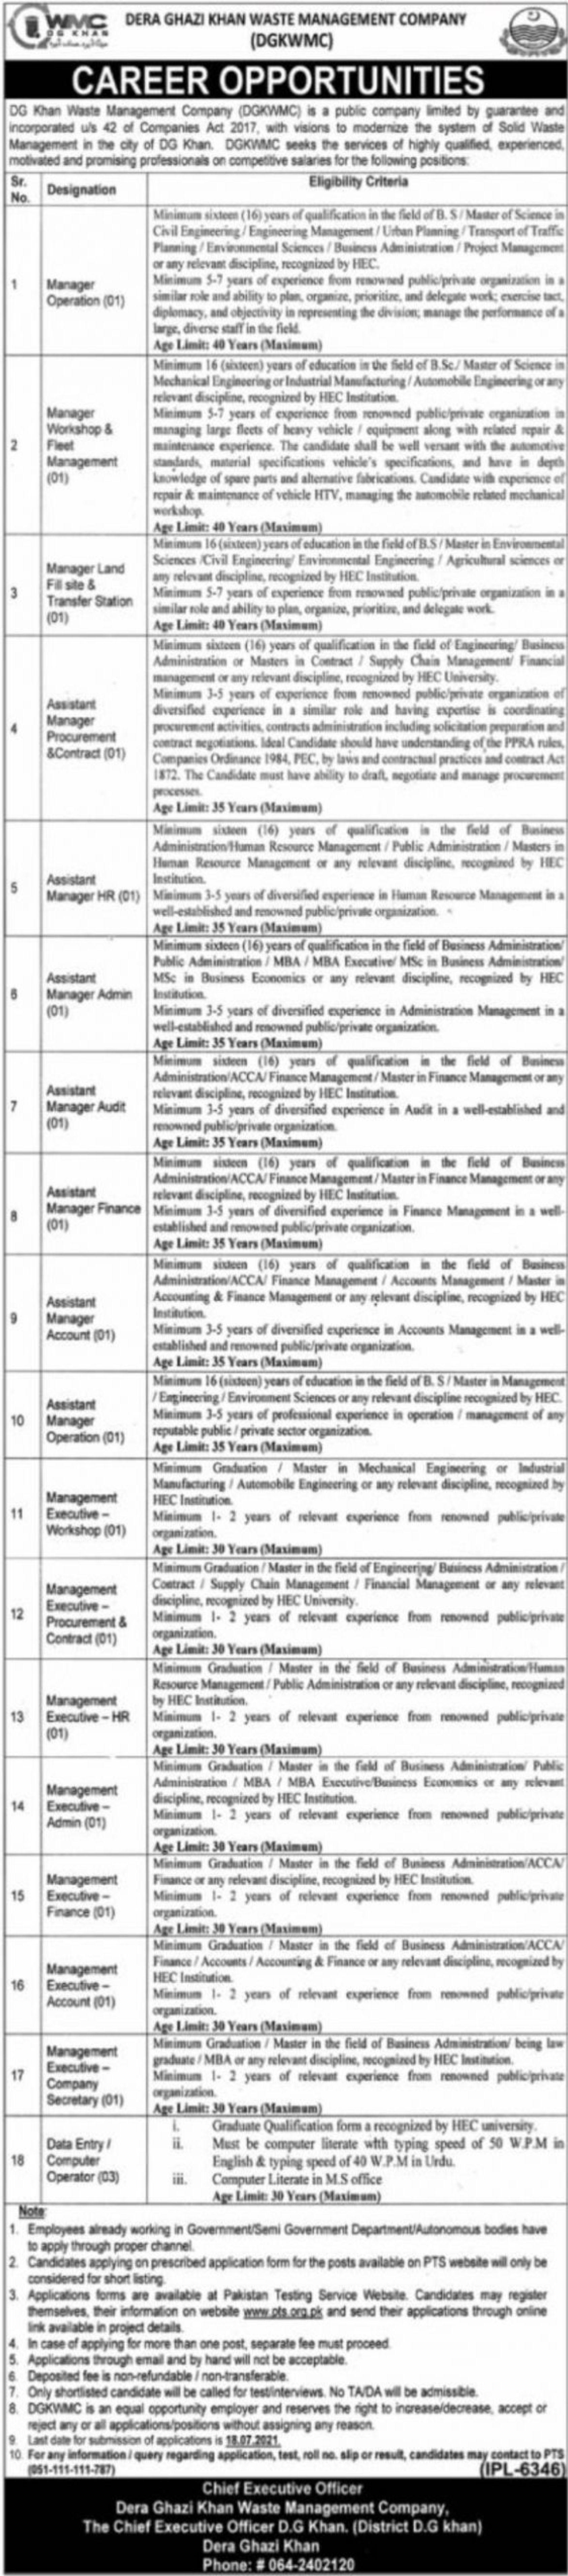 Dera Ghazi Khan Waste Management Company DGKWMC Vacancies 2021 Dailyjobs.pk 3